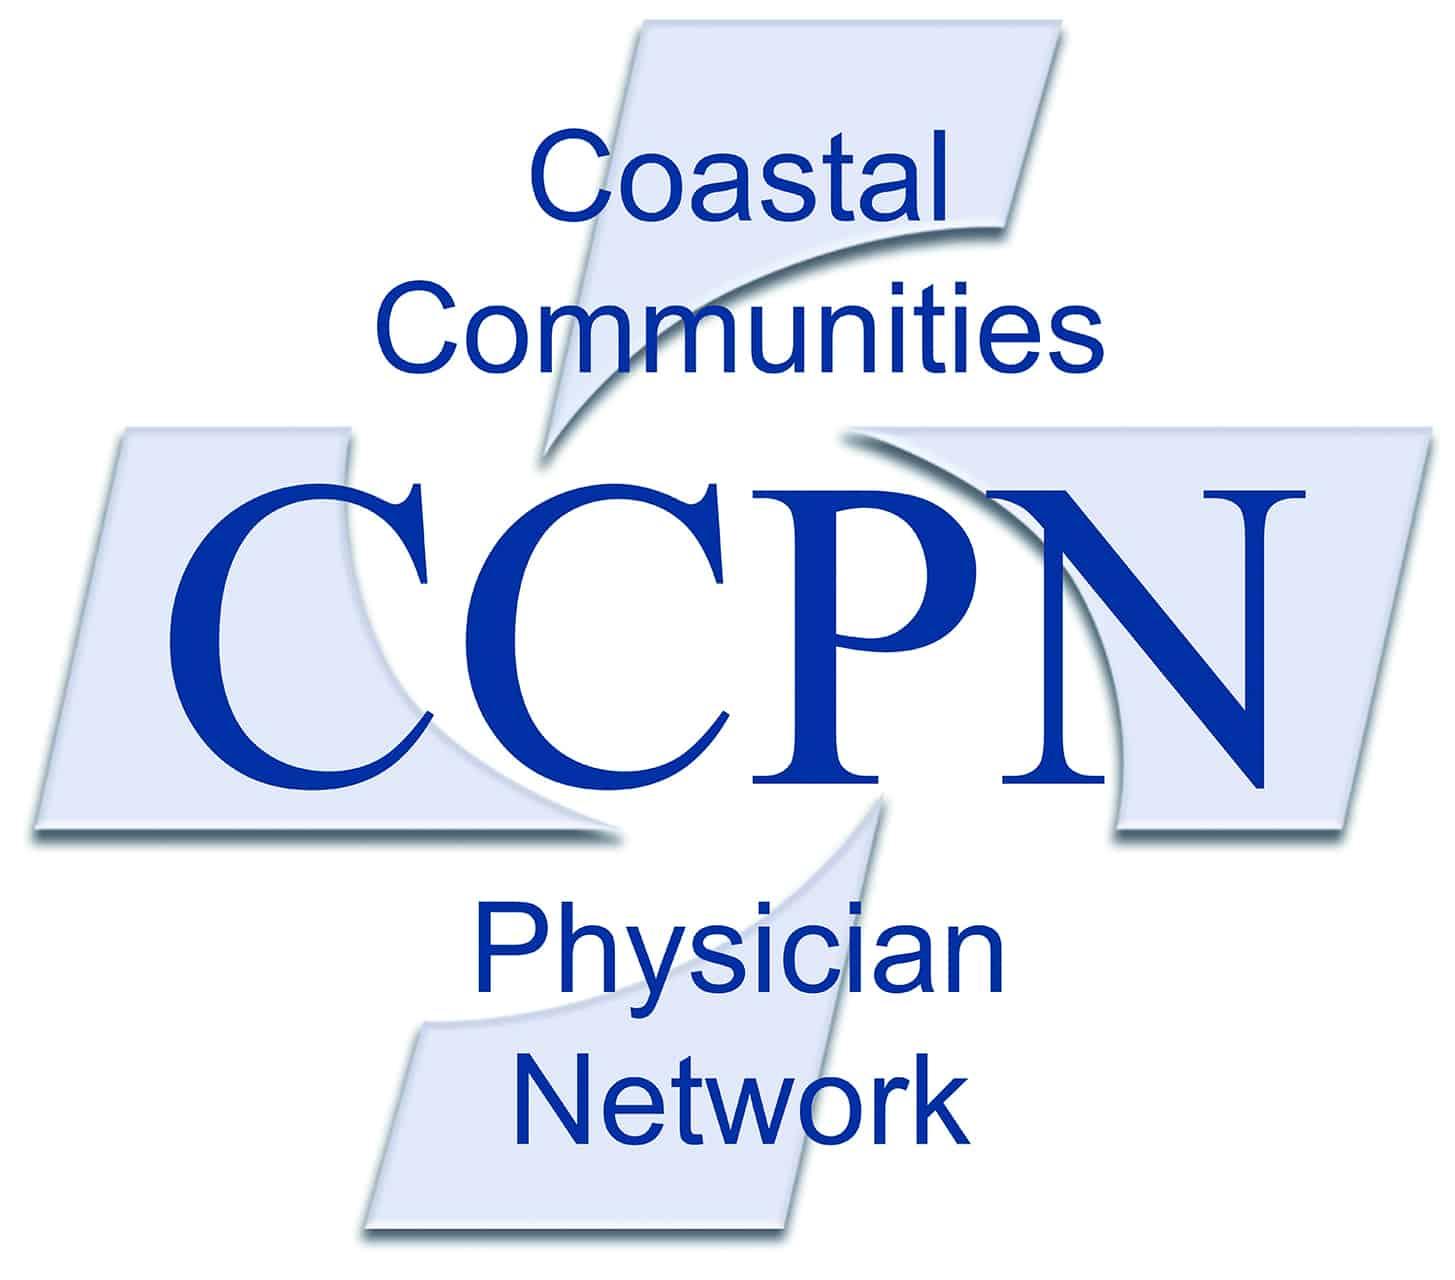 ccpn_logo_2014-1603728587